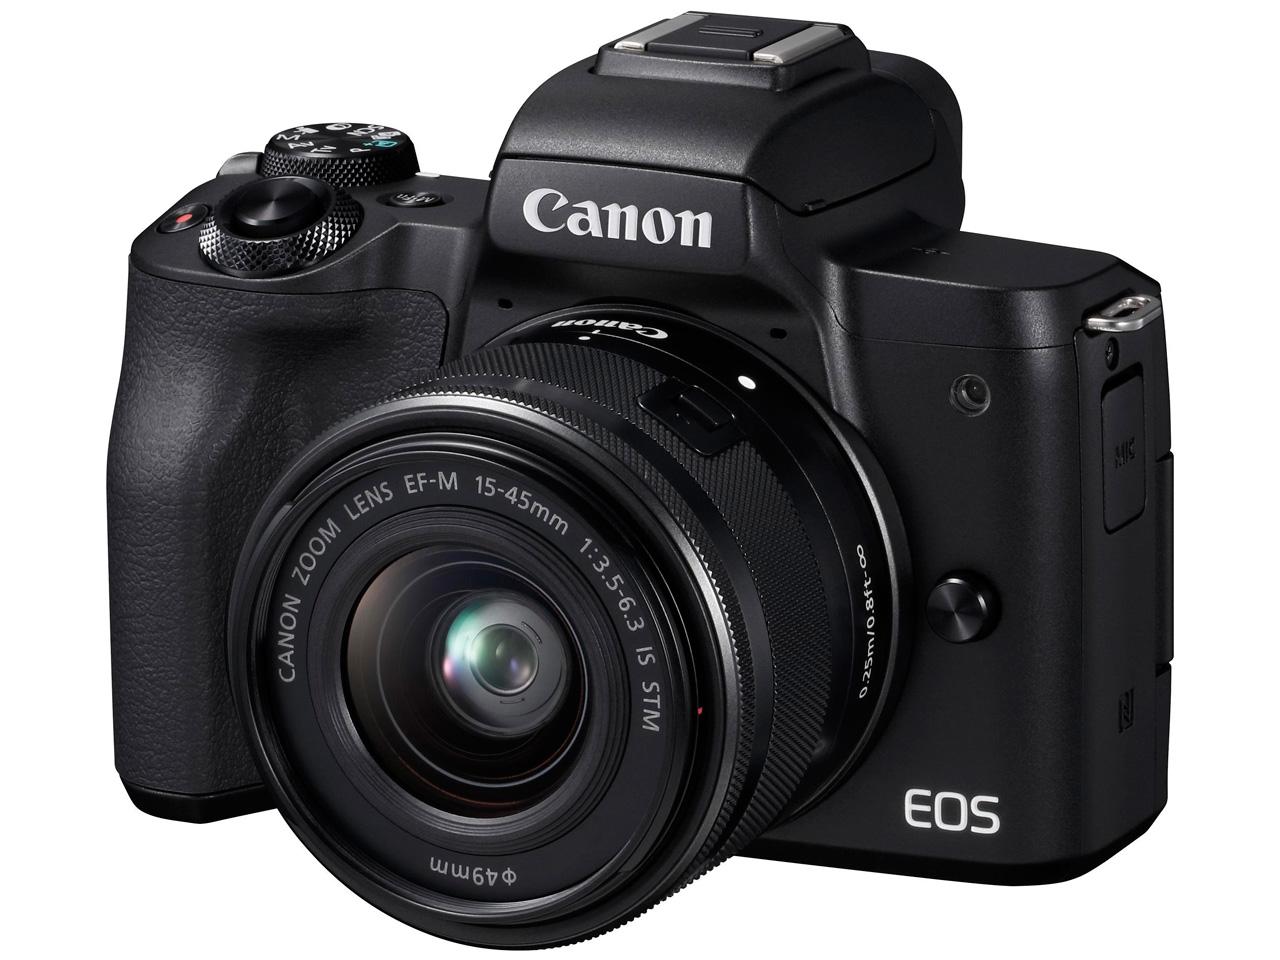 EOS Kiss M EF-M15-45 IS STM レンズキット [ブラック] の製品画像